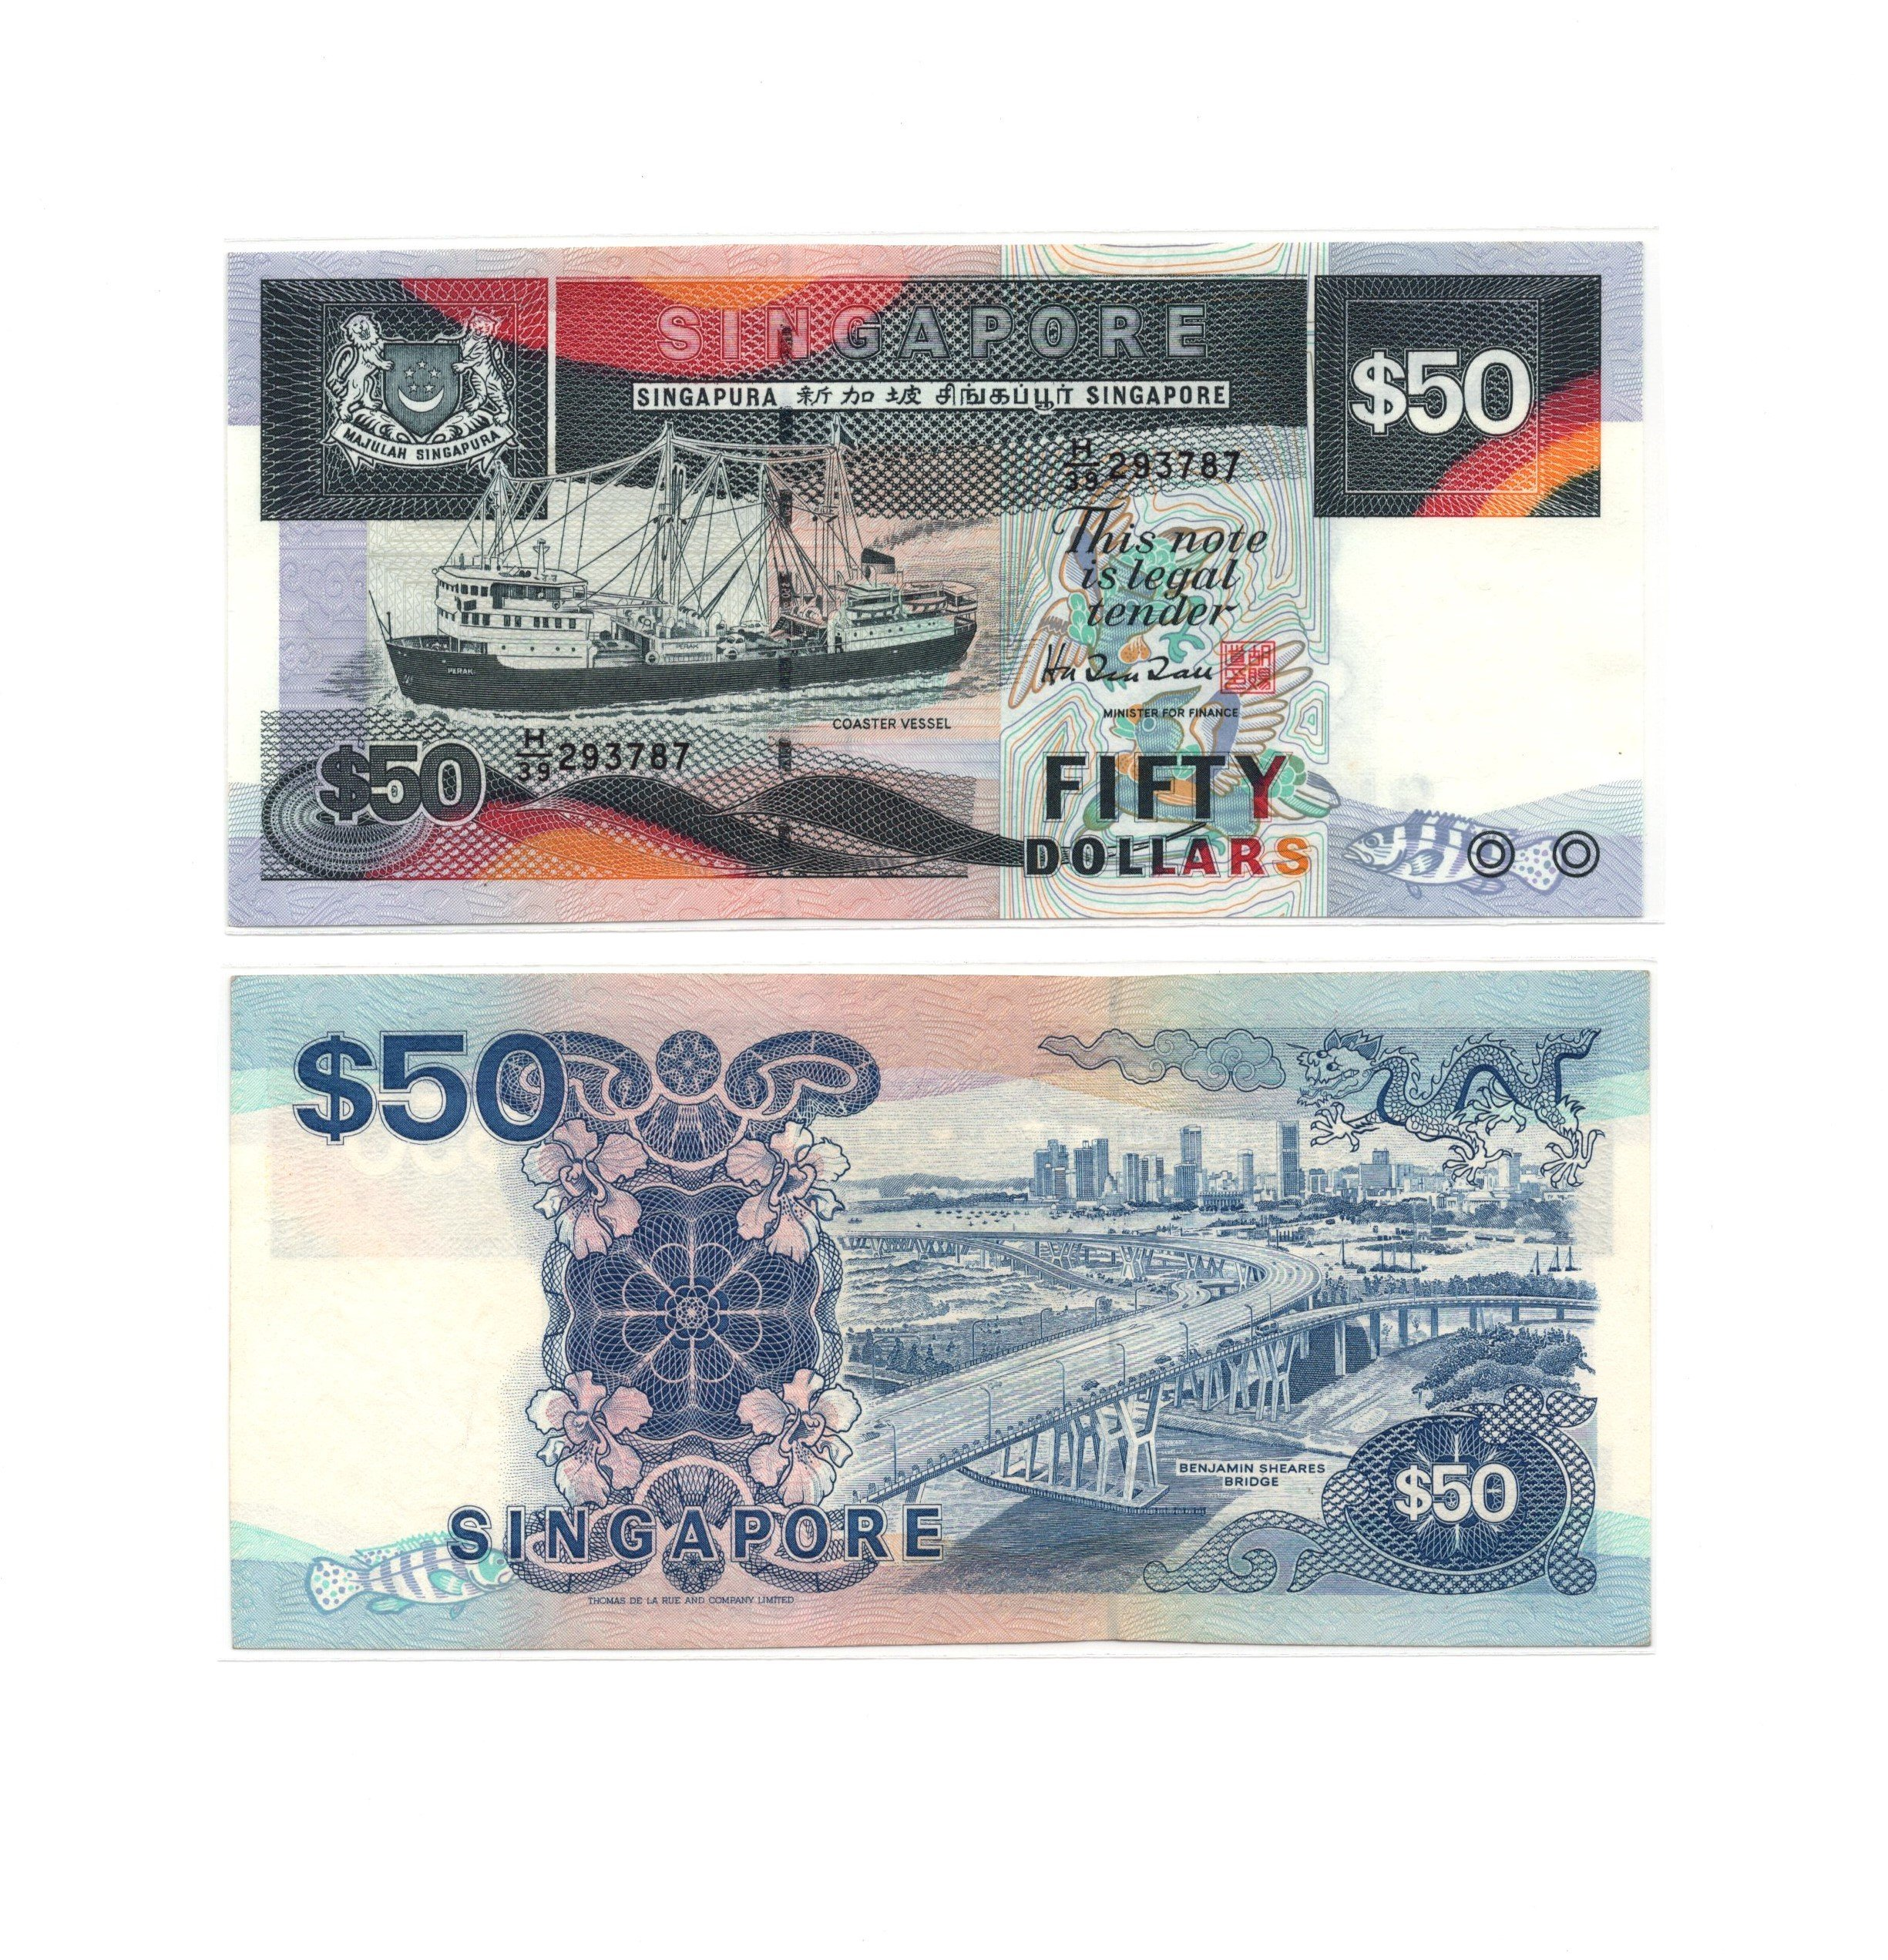 Singapore 50 dollars ship